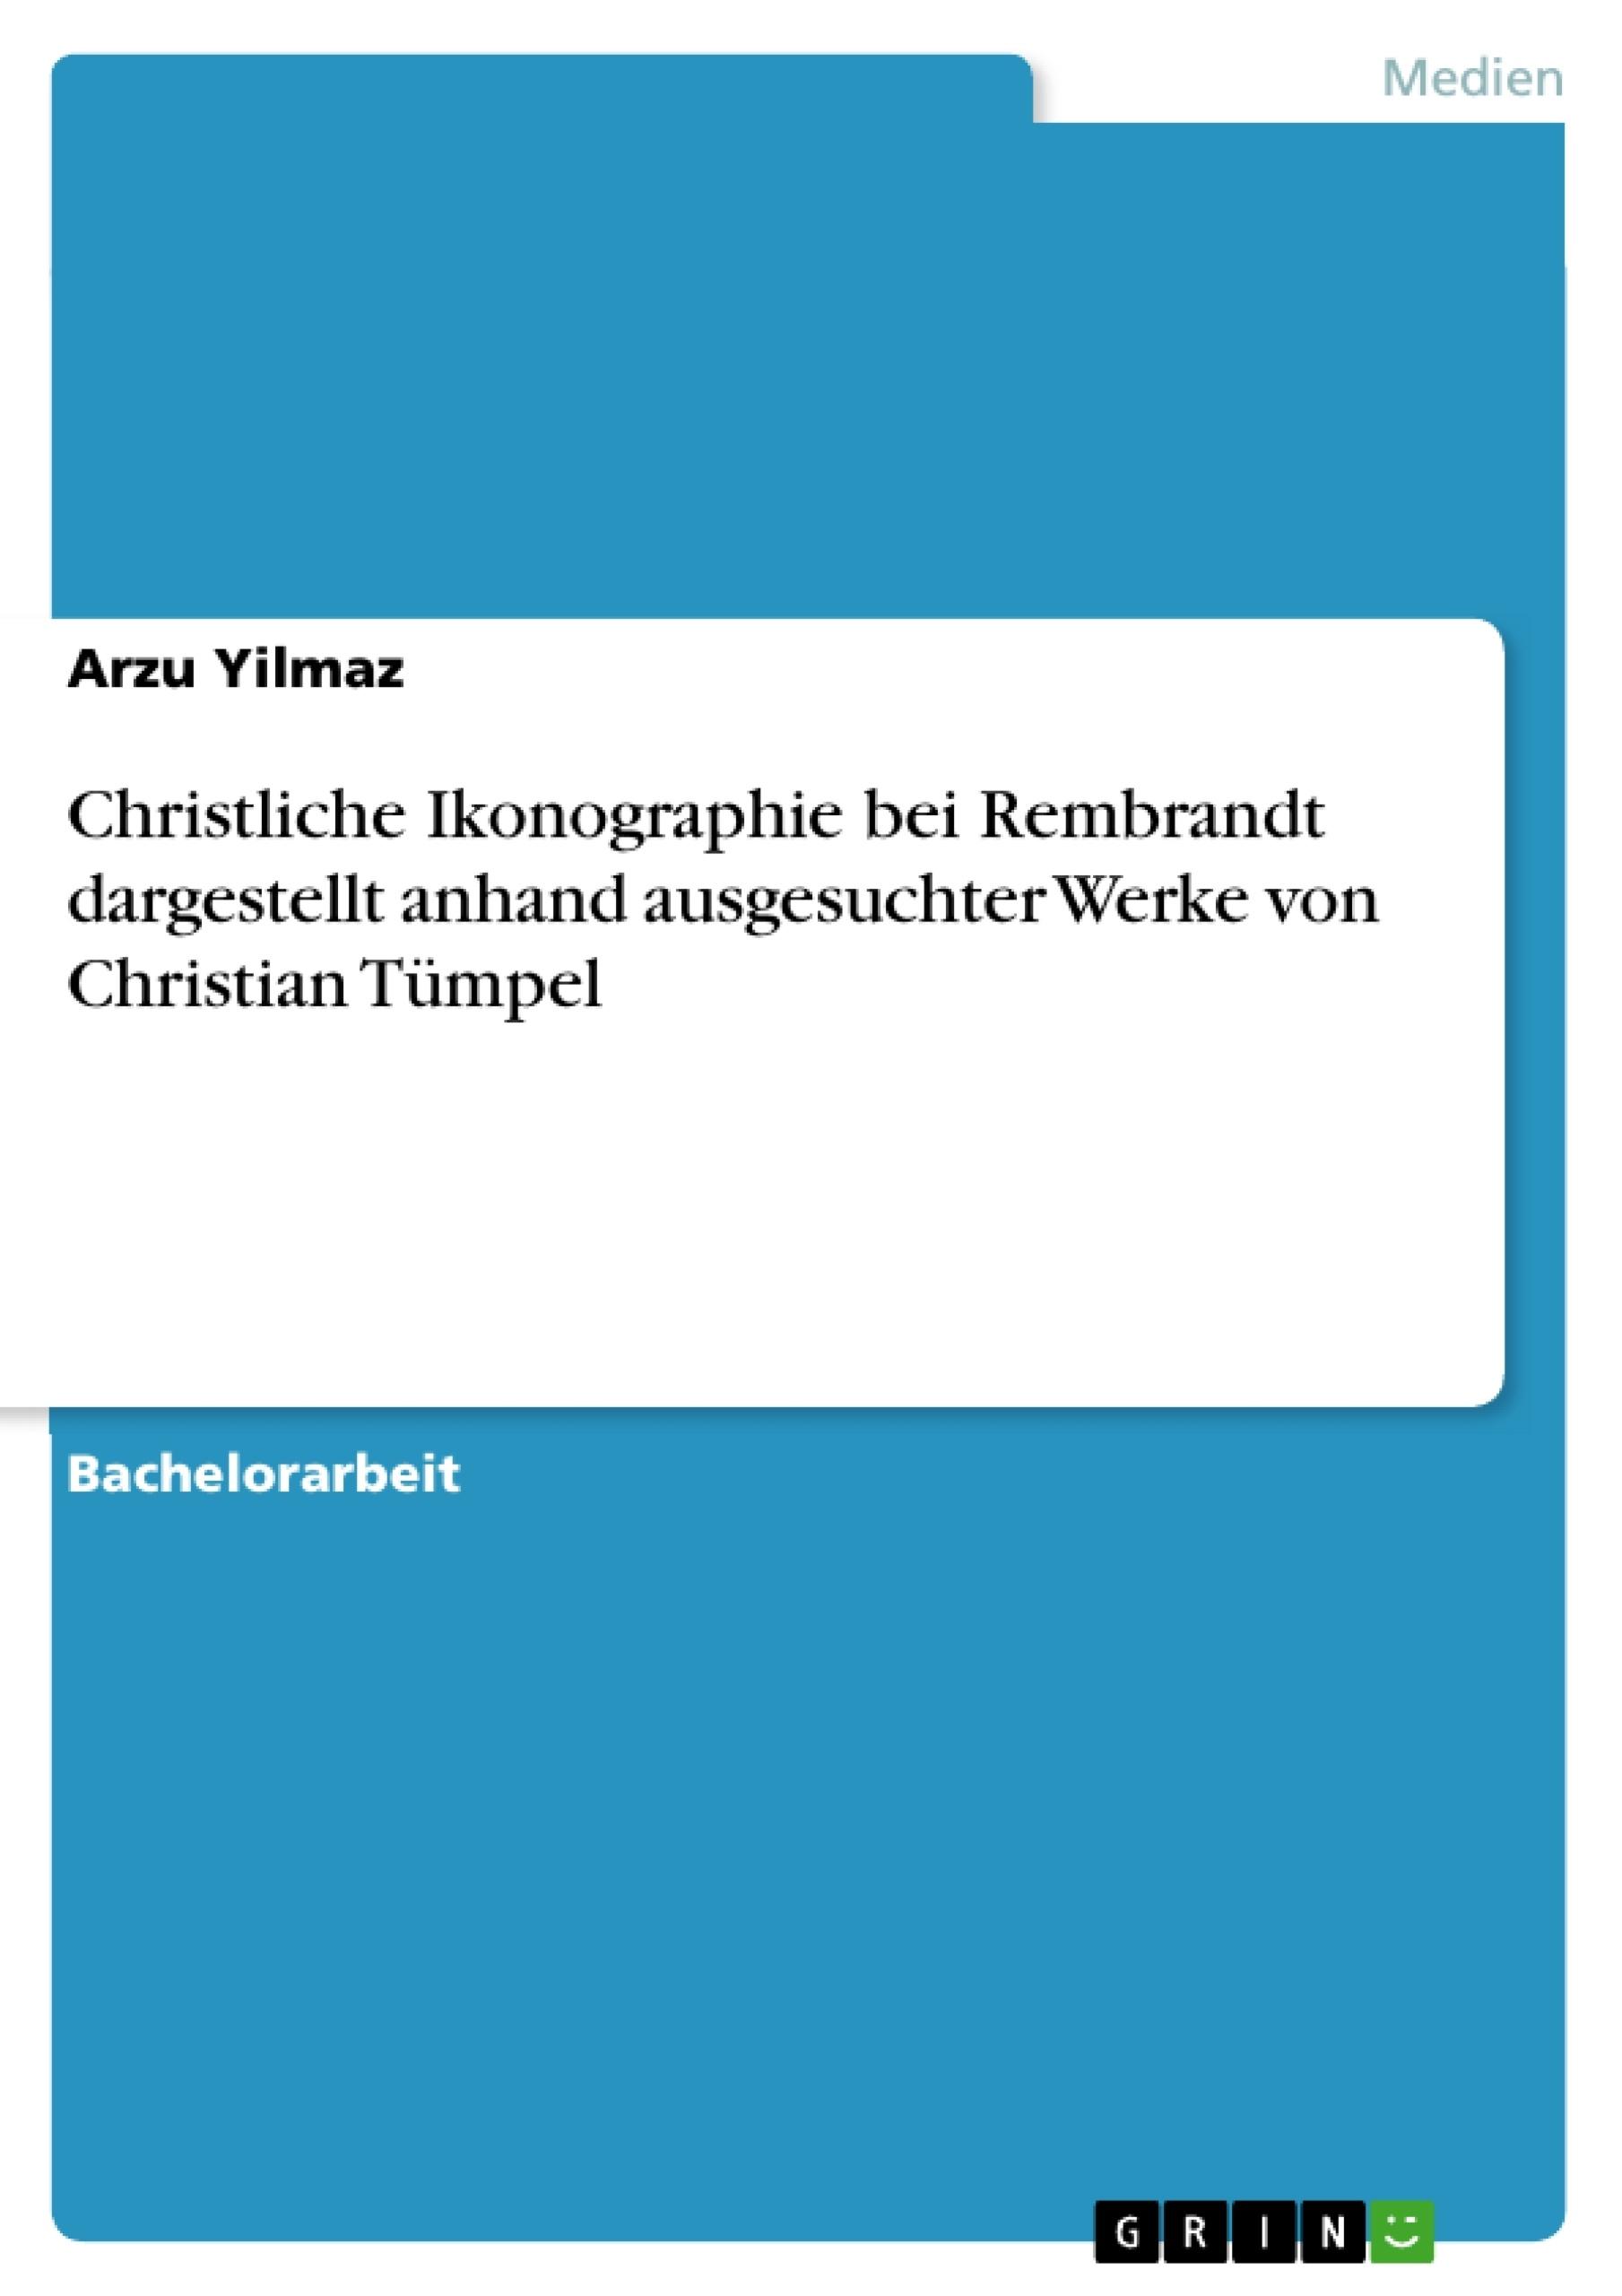 Titel: Christliche Ikonographie bei Rembrandt dargestellt anhand ausgesuchter Werke von Christian Tümpel